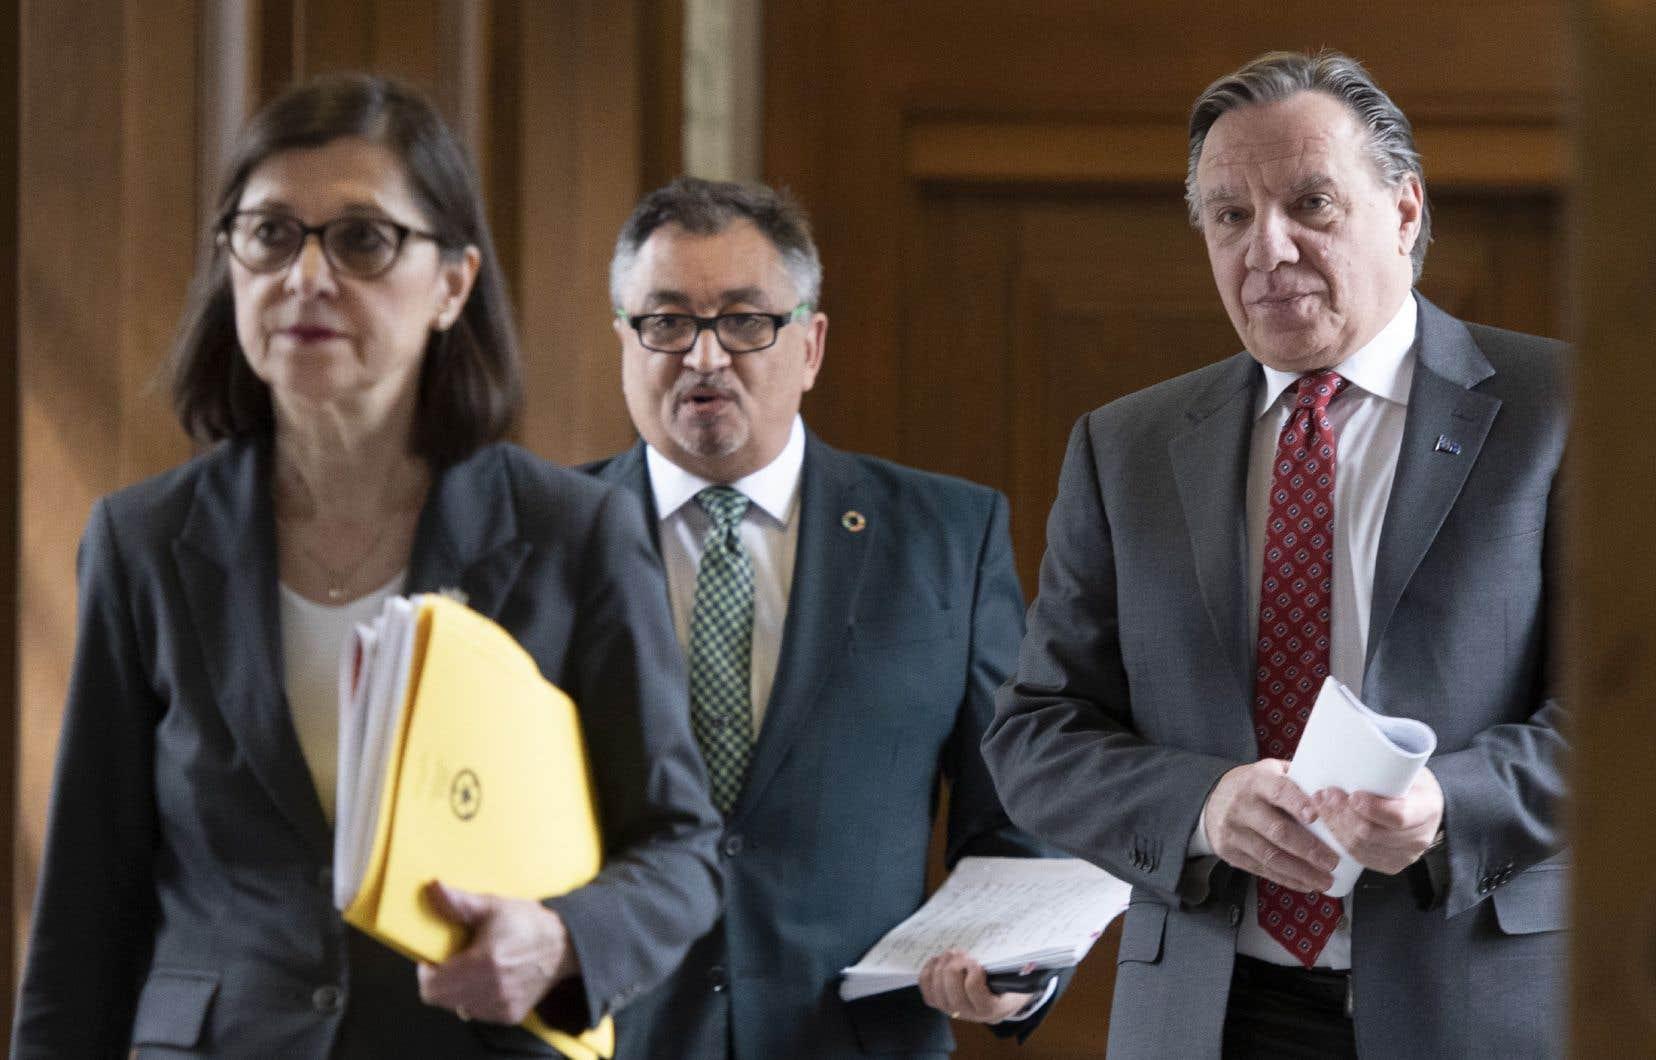 De gauche à droite, la ministre de la Santé Danielle McCann, ledirecteur national de santé publiqueHoracio Arruda et lepremier ministre du Québec François Legault